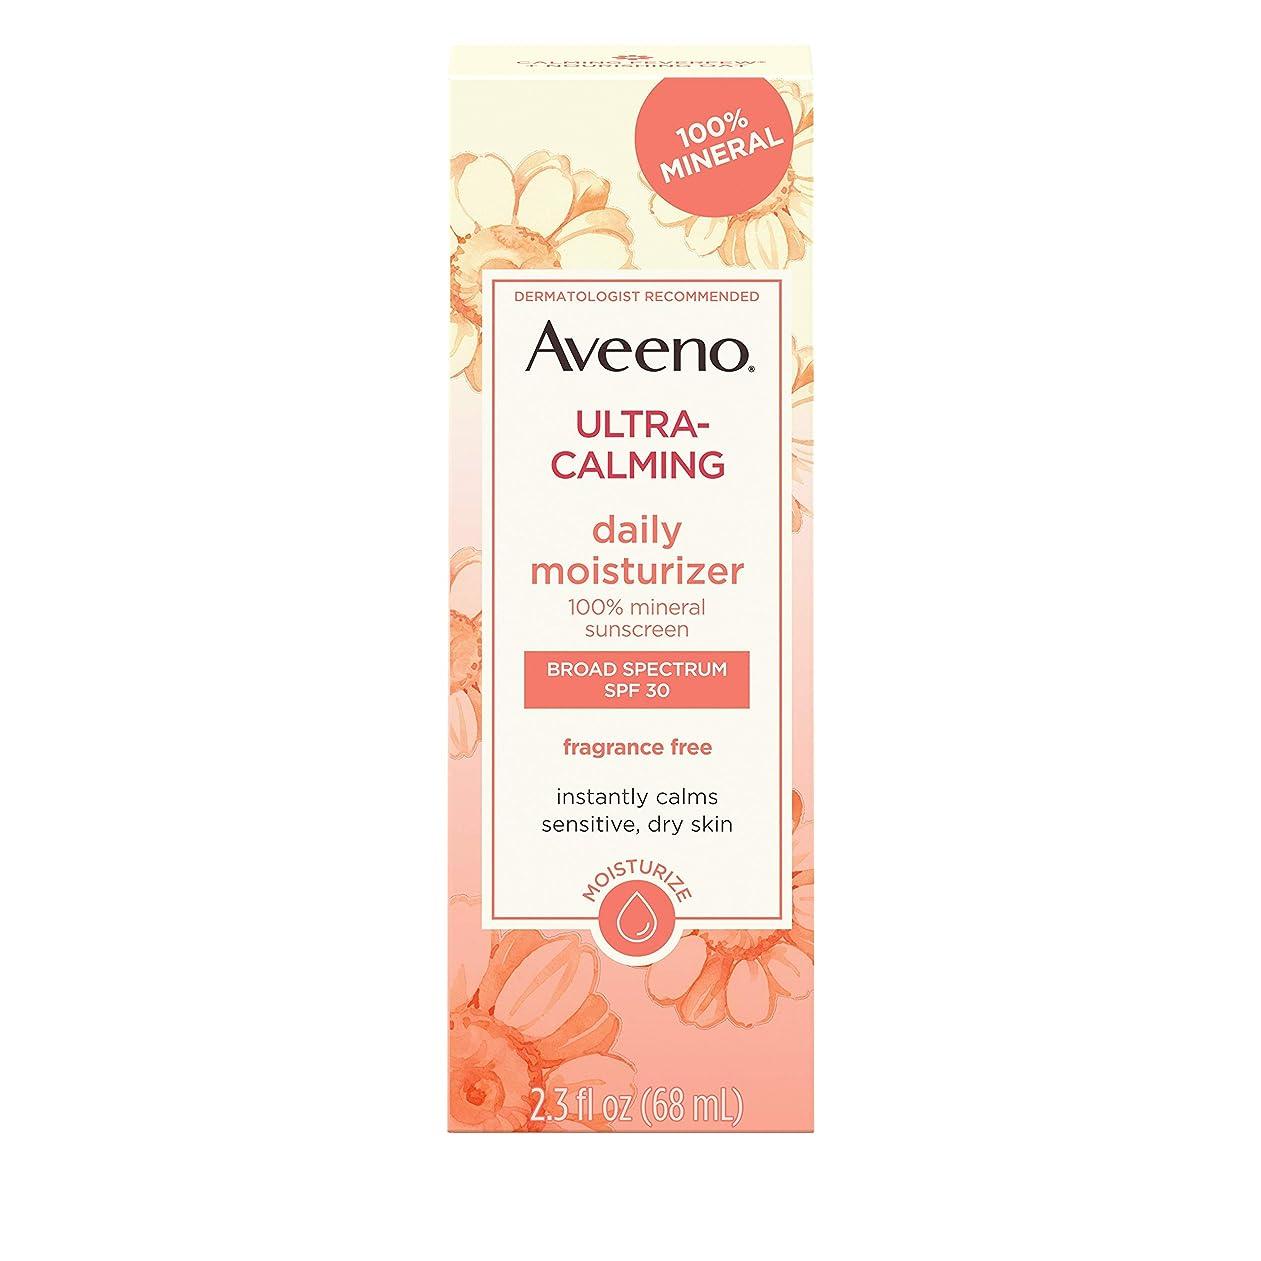 葬儀フィルタ対アビーノ ウルトラカーミング デイリーモイスチャライザー無香料 敏感肌用 SPF30 0.25オンス Aveeno Ultra-Calming Daily Fragrance-Free Moisturizer - Sensitive Skin - SPF 30-2.5 fl oz